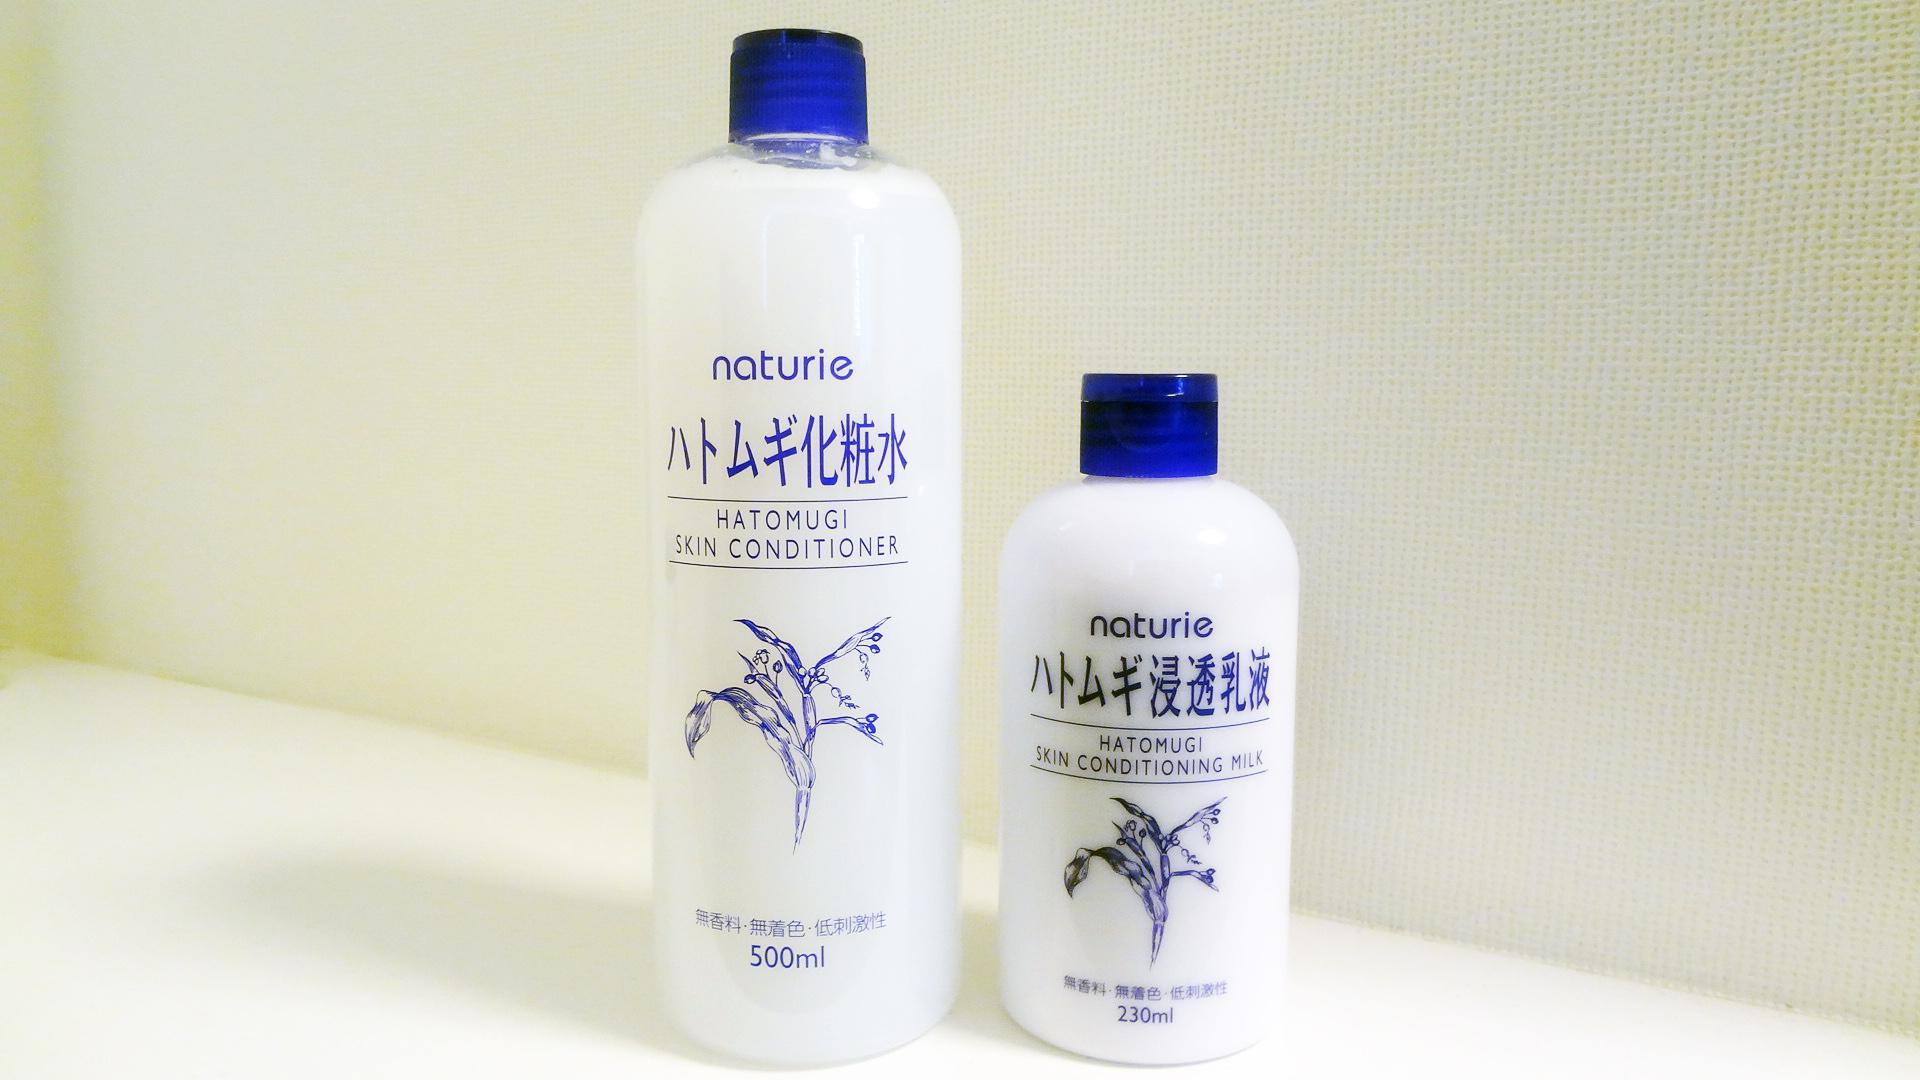 【コスパ最強】ハトムギ化粧水&乳液を男が使ってみた感想【レビュー】